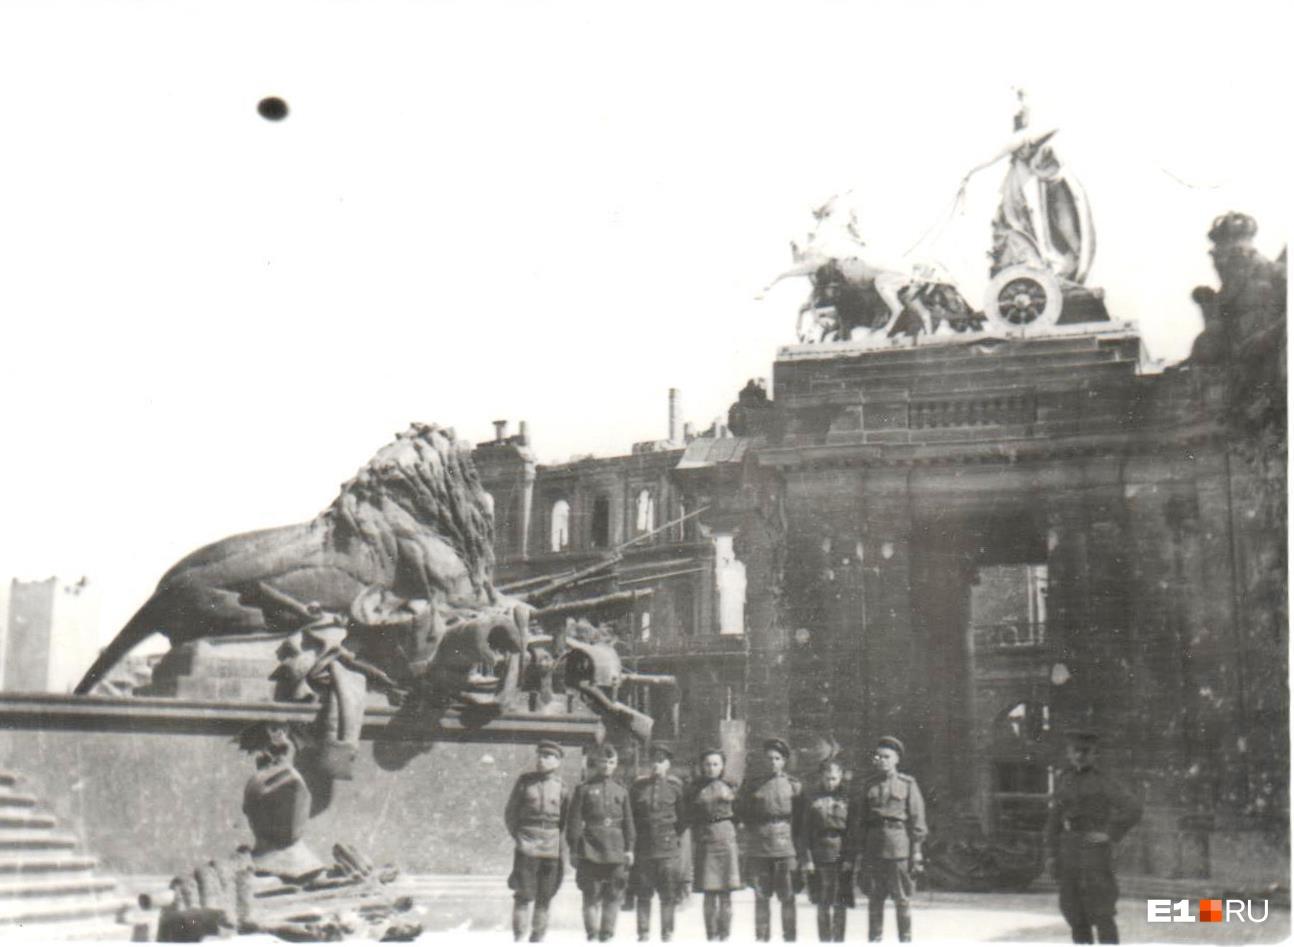 Лев — символ побед Германии — и советские солдаты<br>